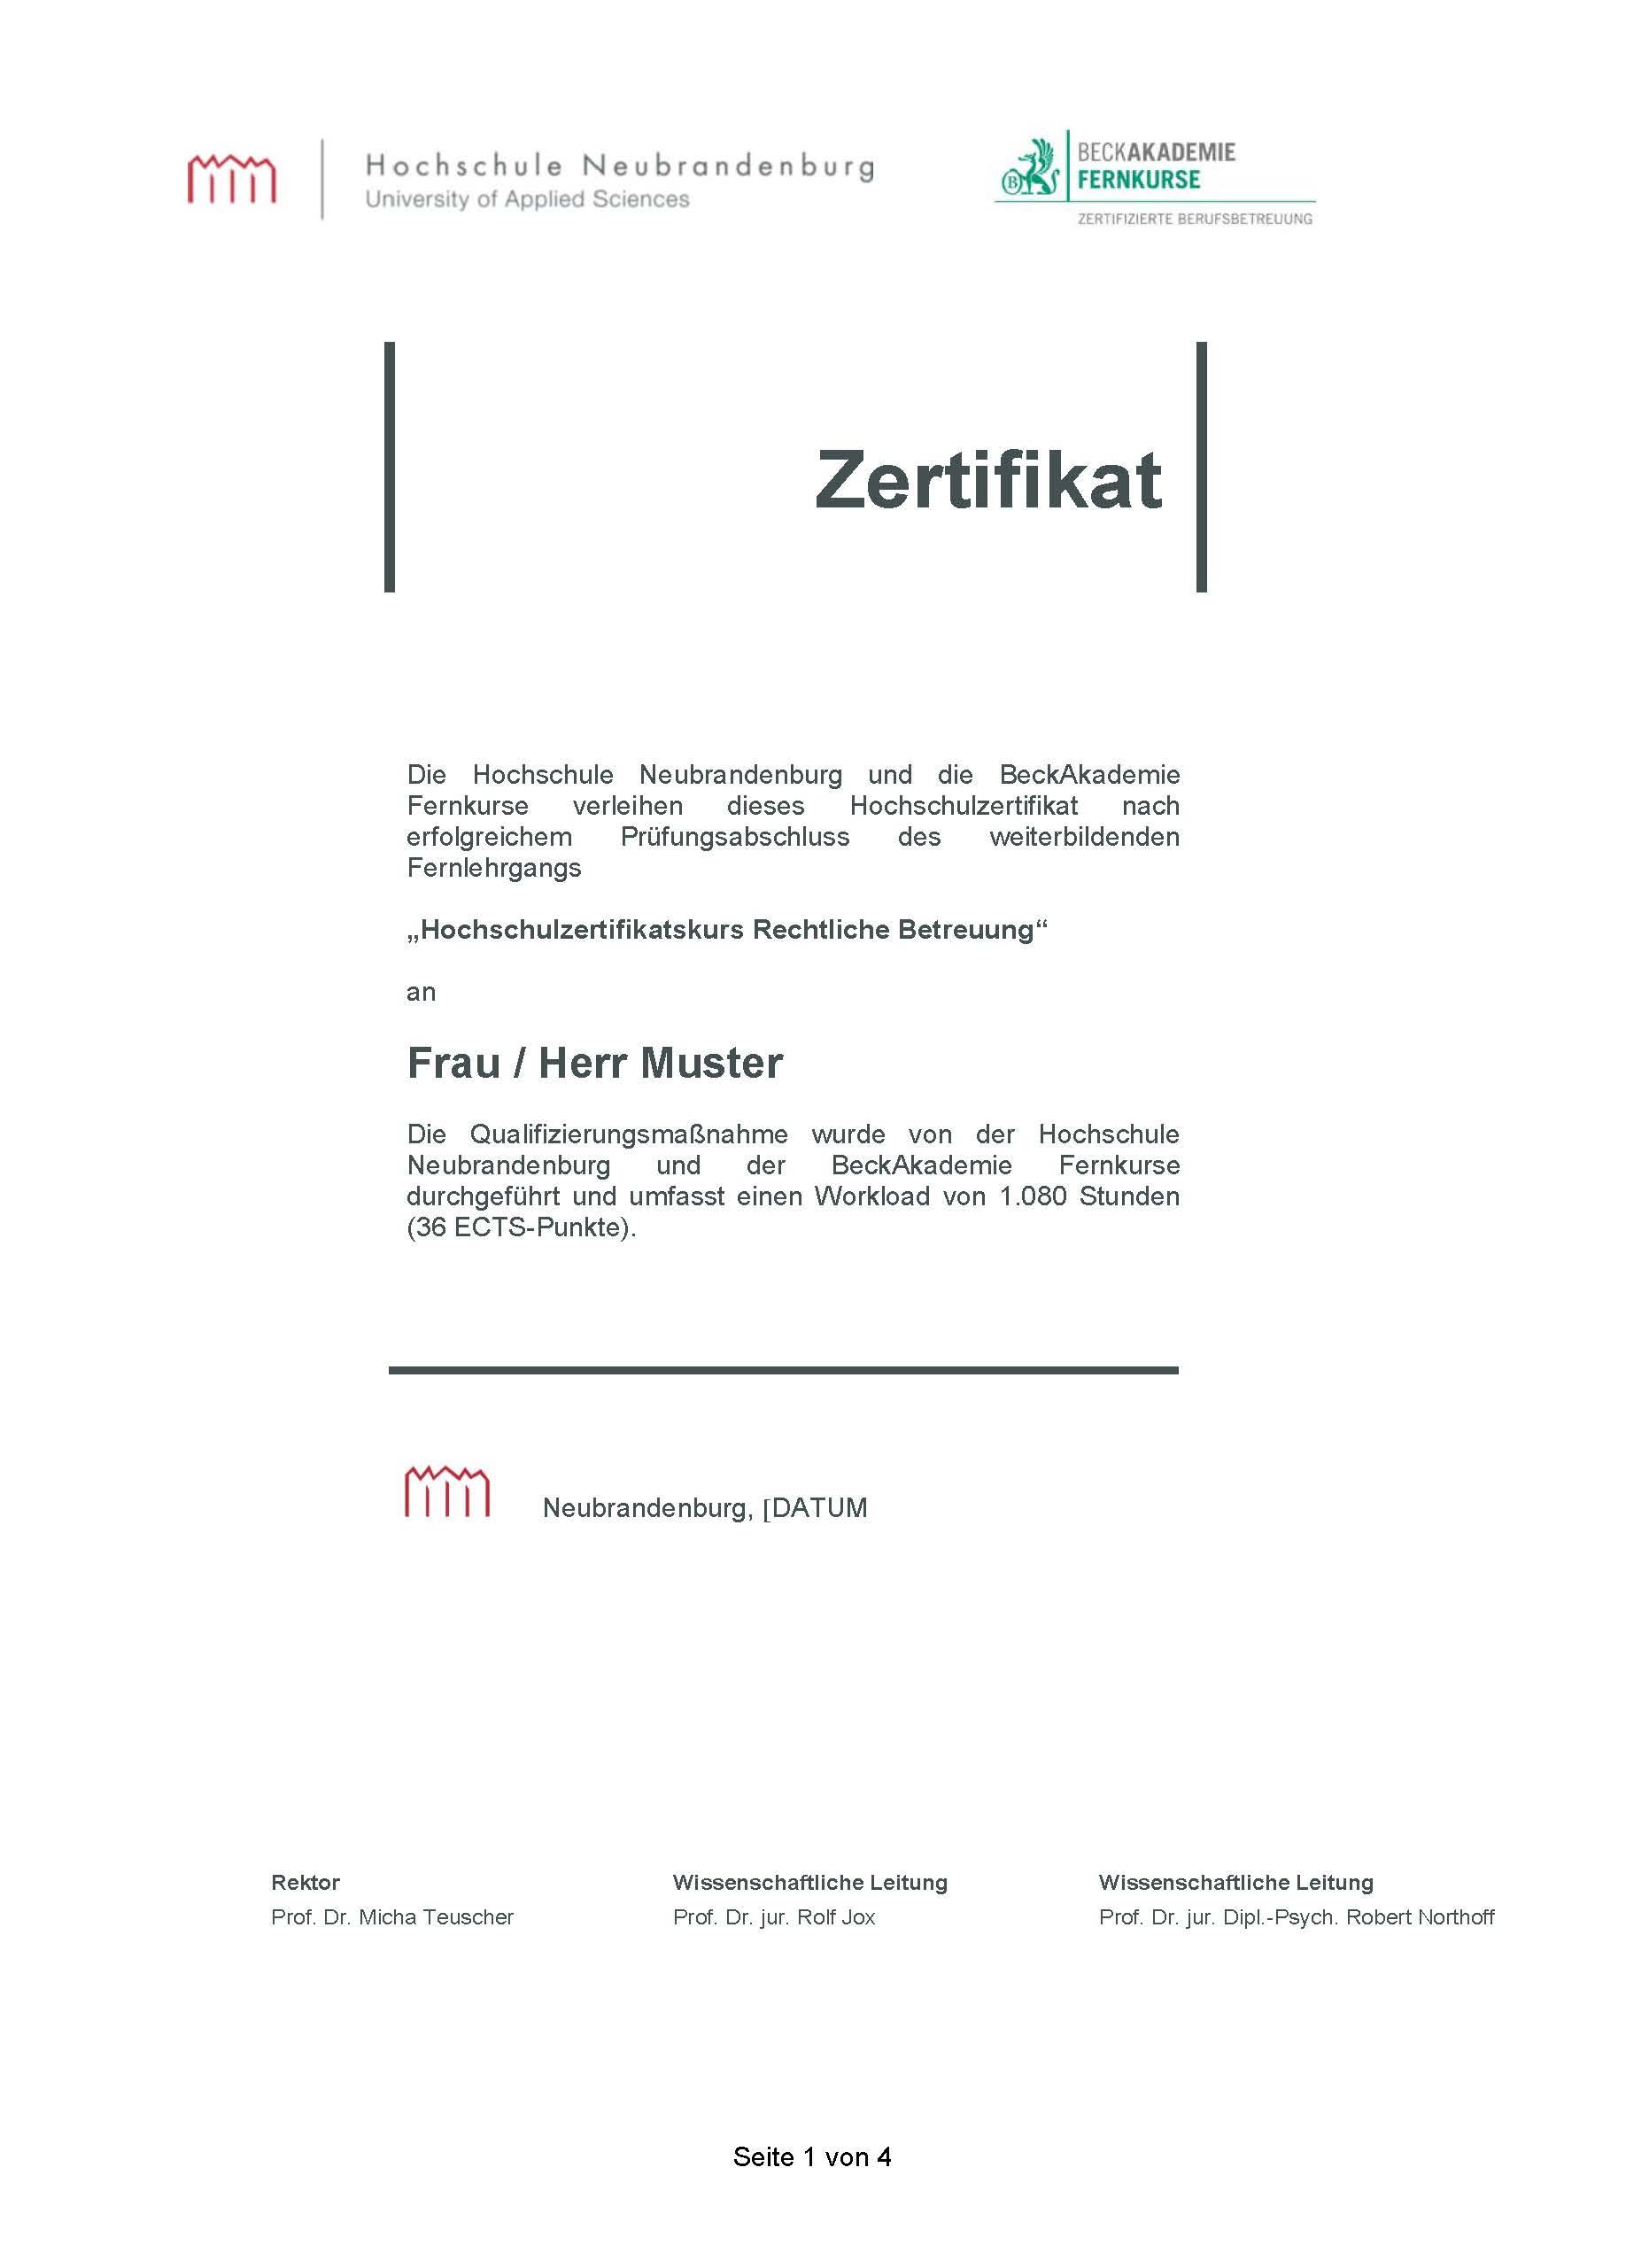 Vom Ehrenamt zum Hauptberuf: Berufsbetreuer mit Hochschulzertifikat ...